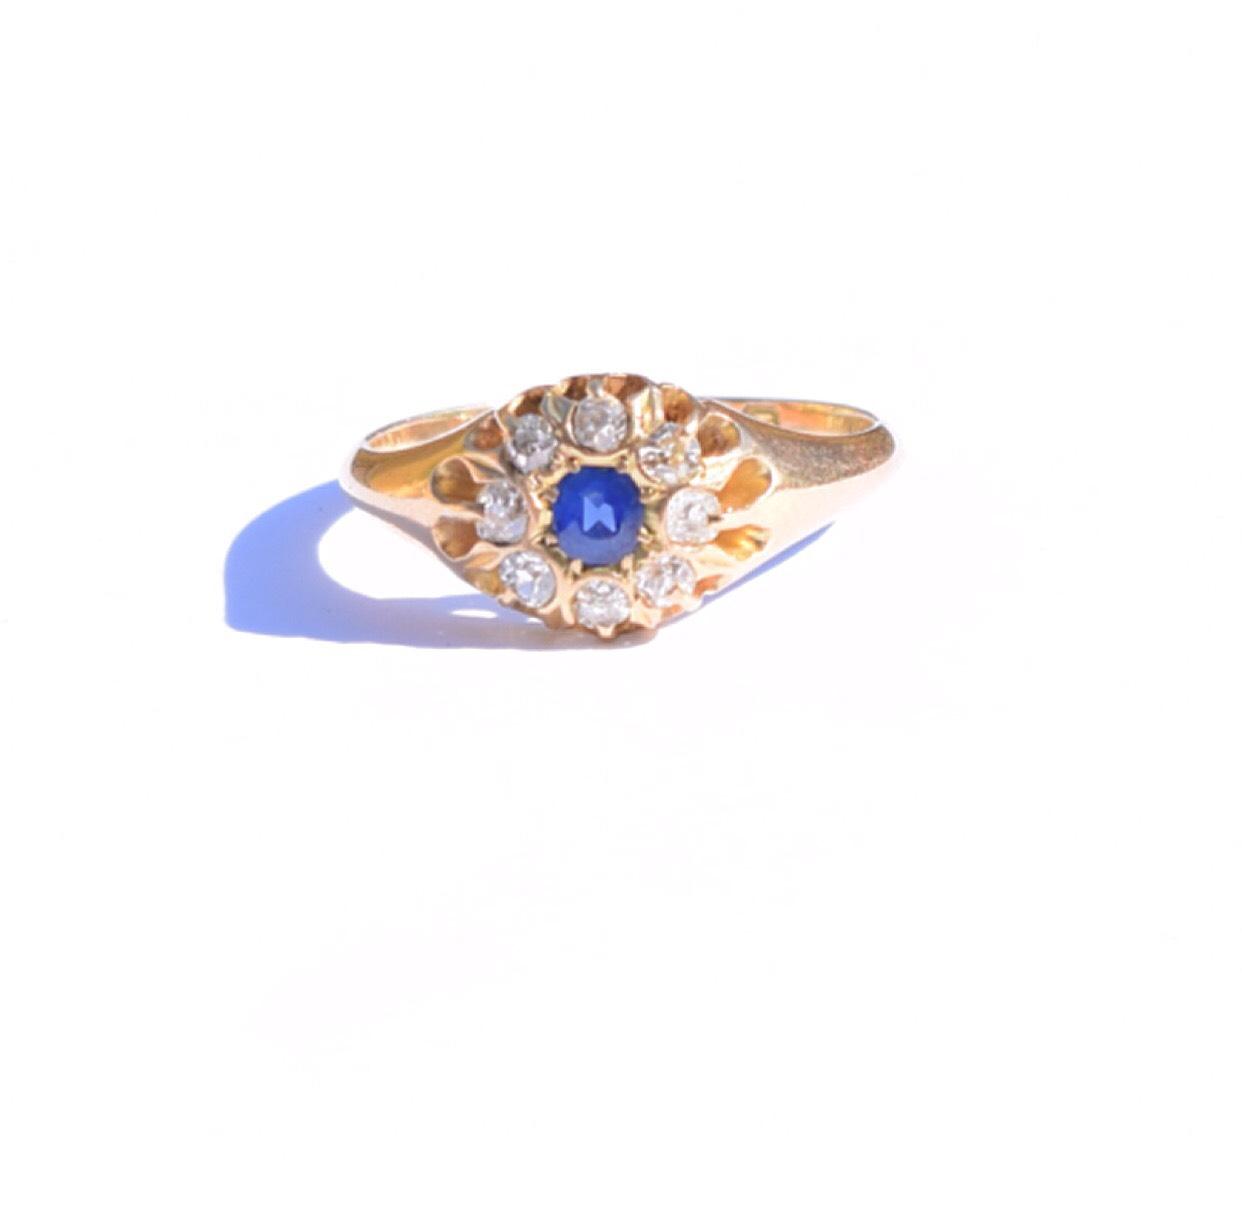 טבעת קלסטר ג'יפסי נהדרת, מזהב עם ספיר ויהלומים.